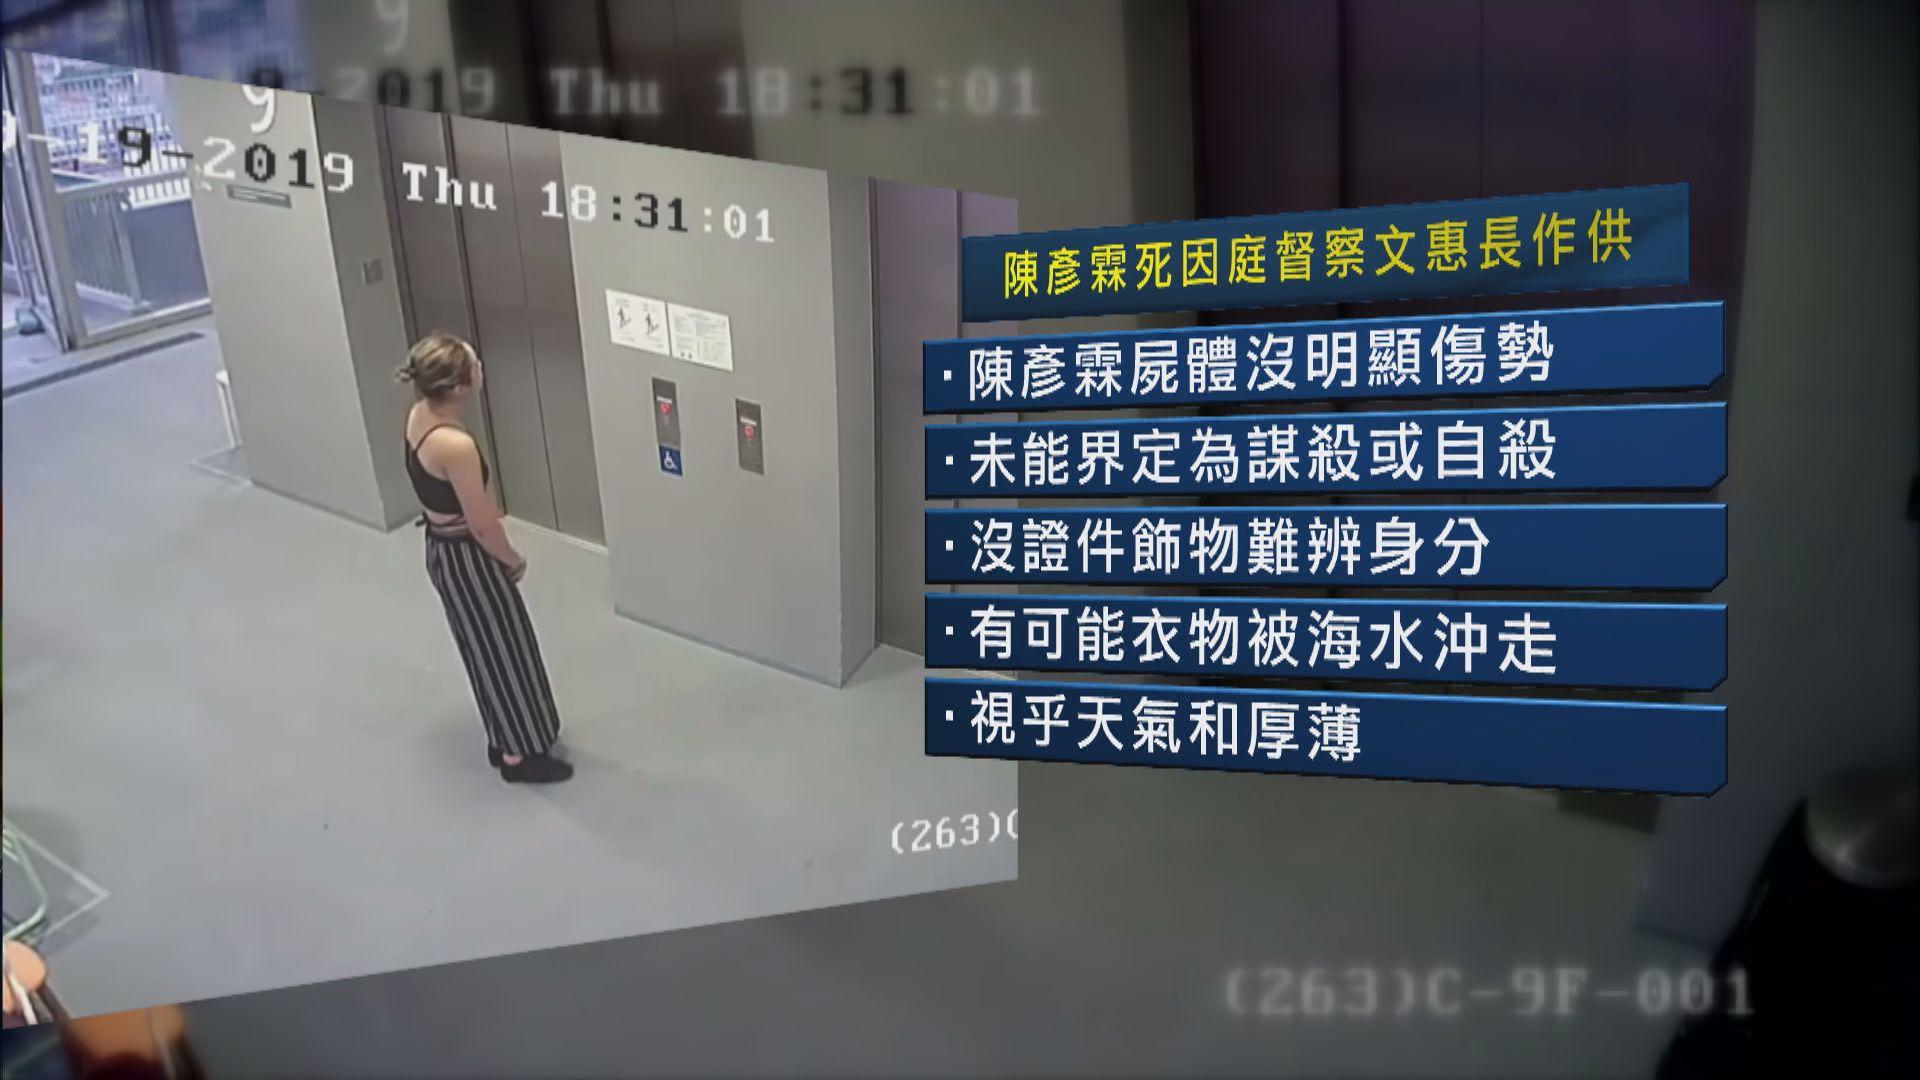 督察指陳彥霖屍體被發現時沒明顯傷勢